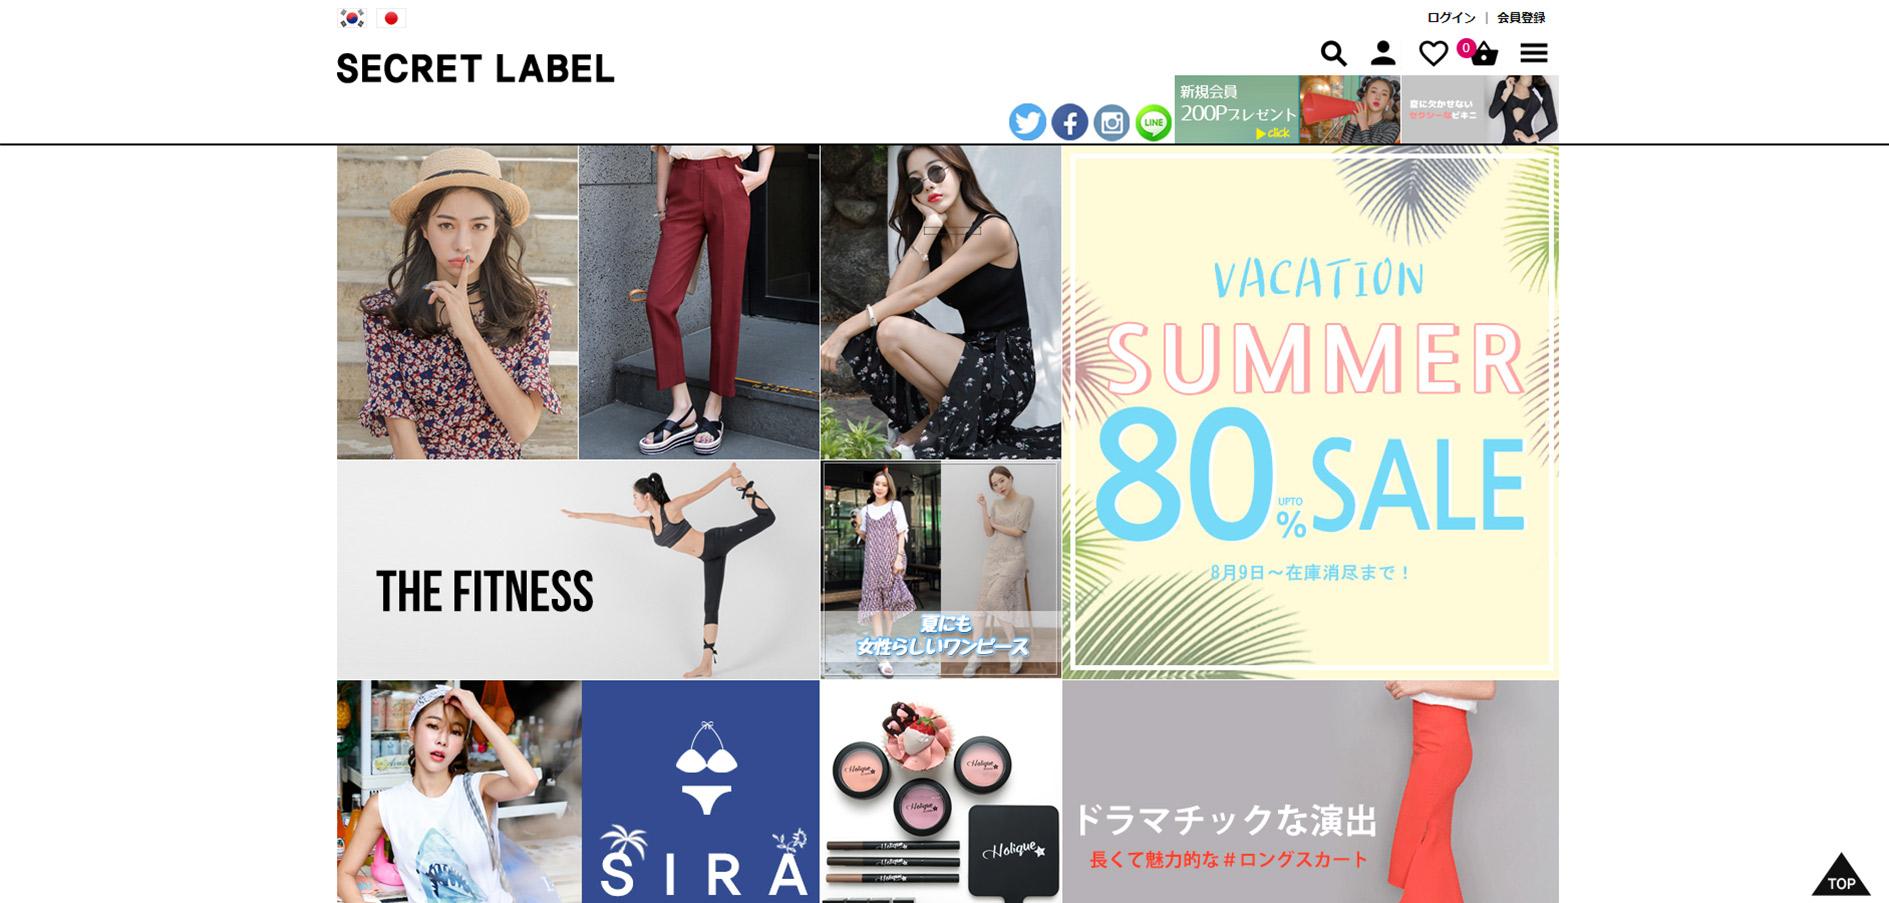 30代におすすめな韓国ファッション通販サイトのSECRET LABEL(シークレットラベル)